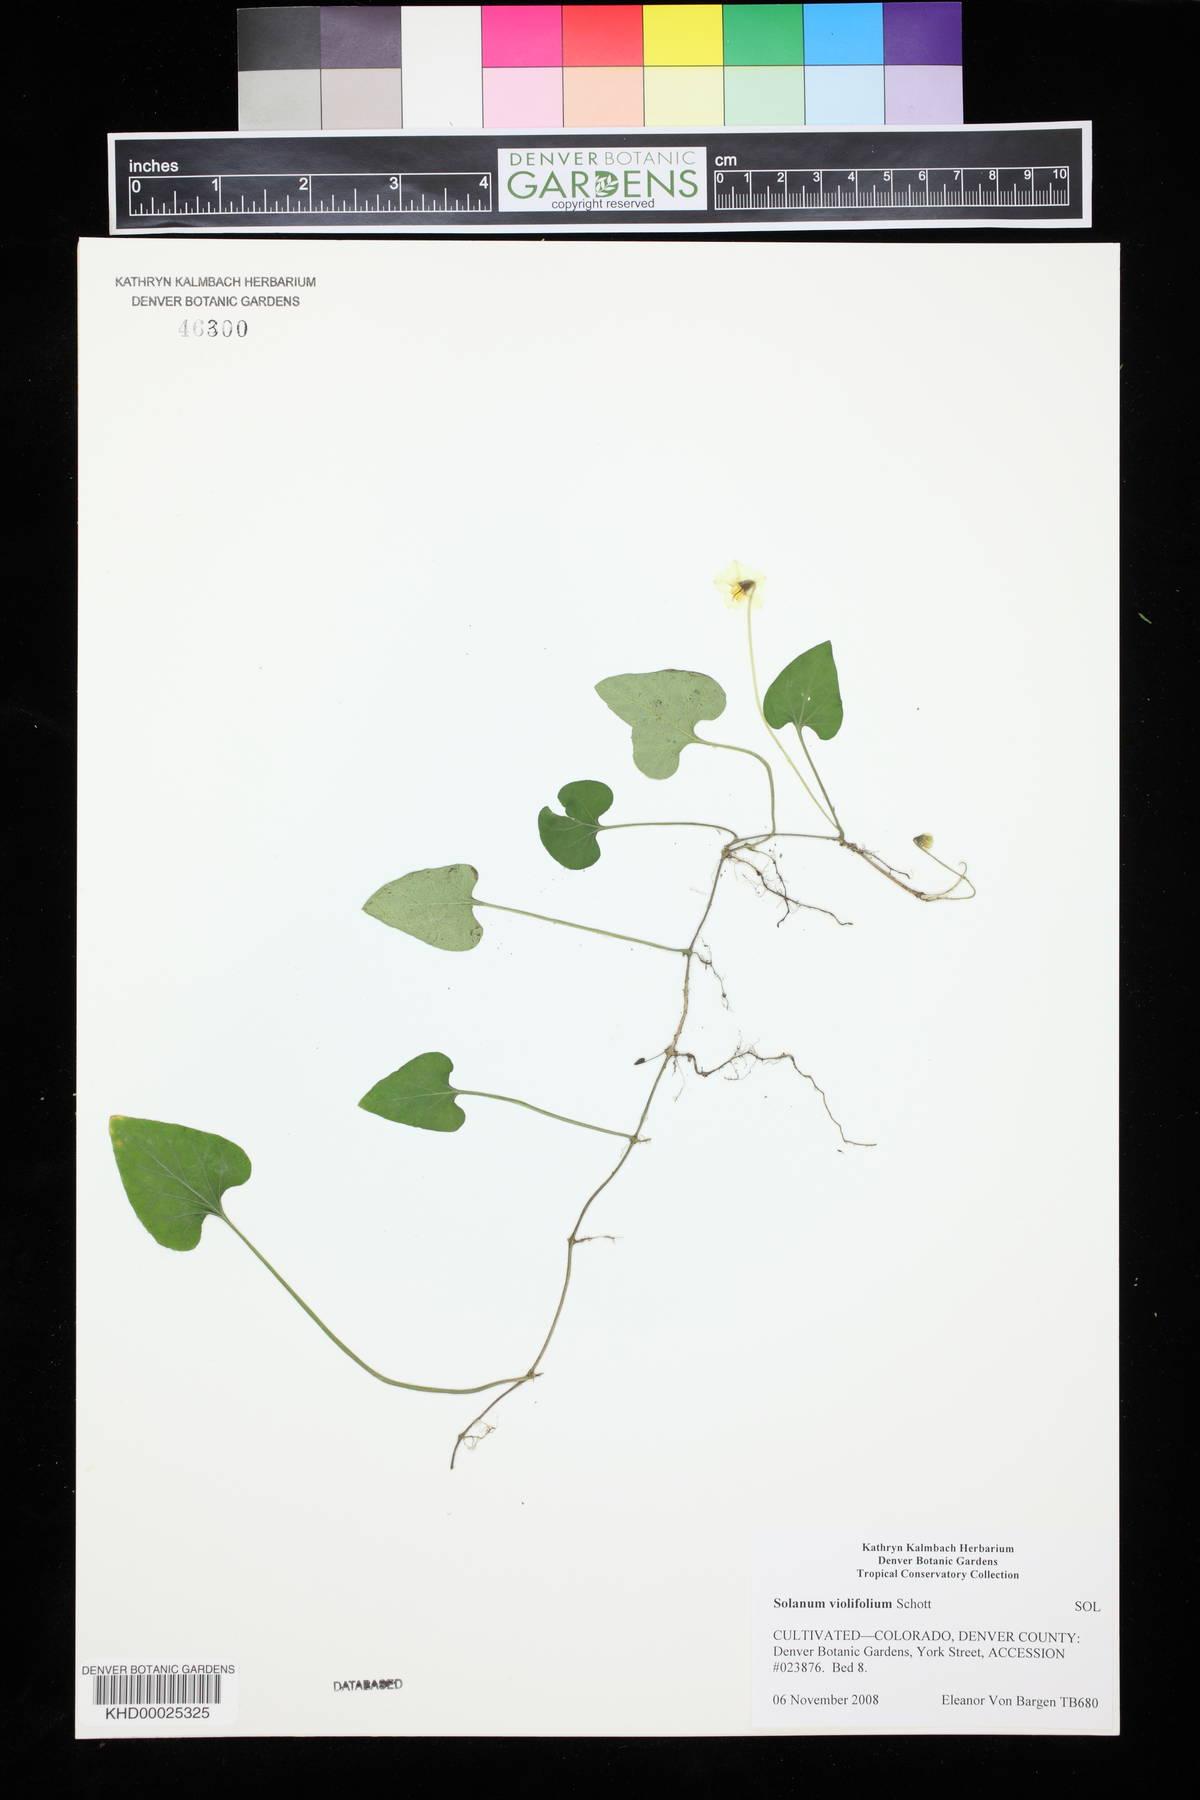 Solanum violifolium image